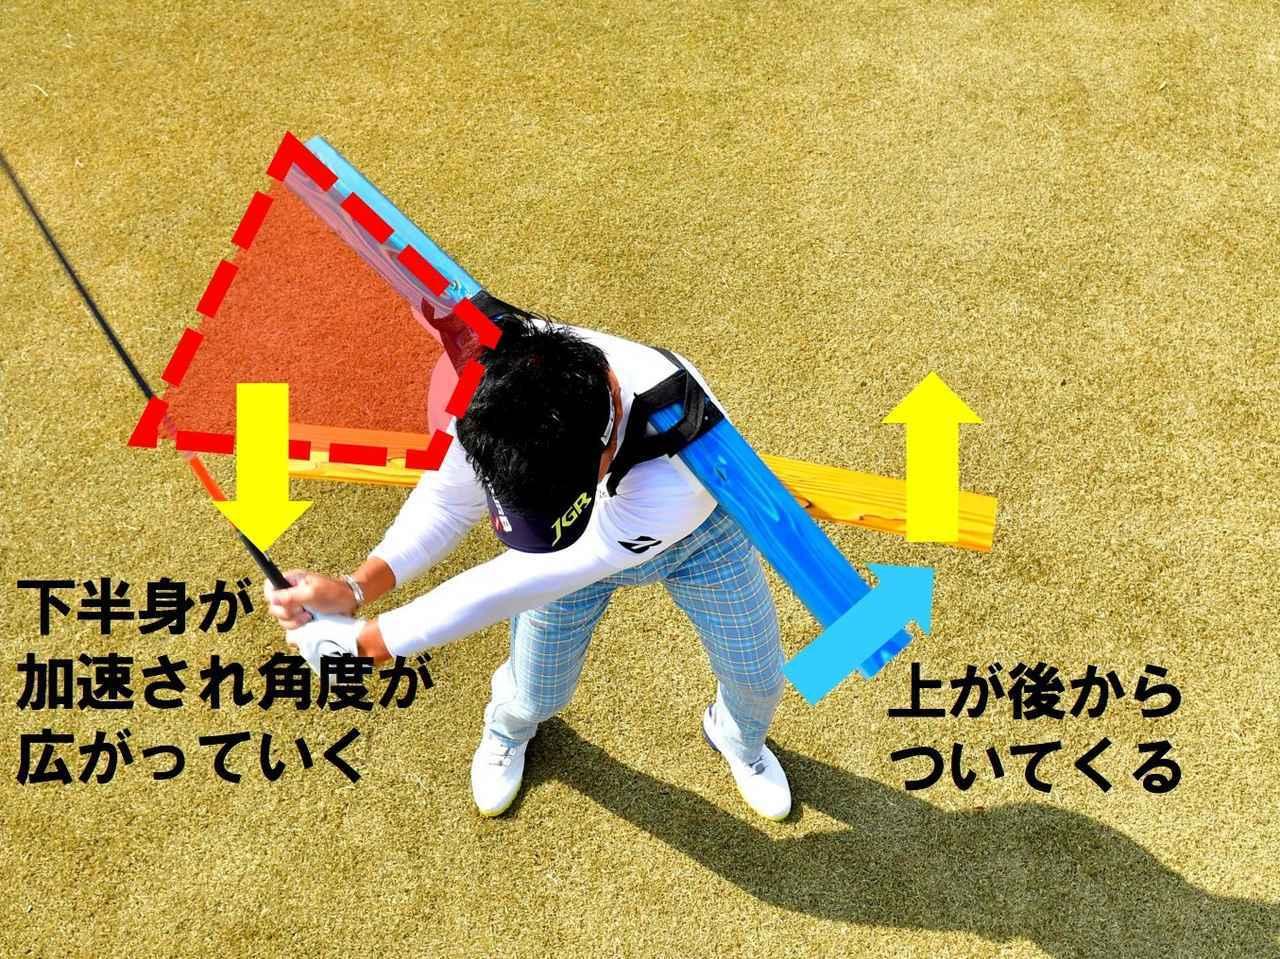 画像: 切り返しで上下の板の差が最大になっている。左足は踏み込み、左腰もターンしていることがわかる